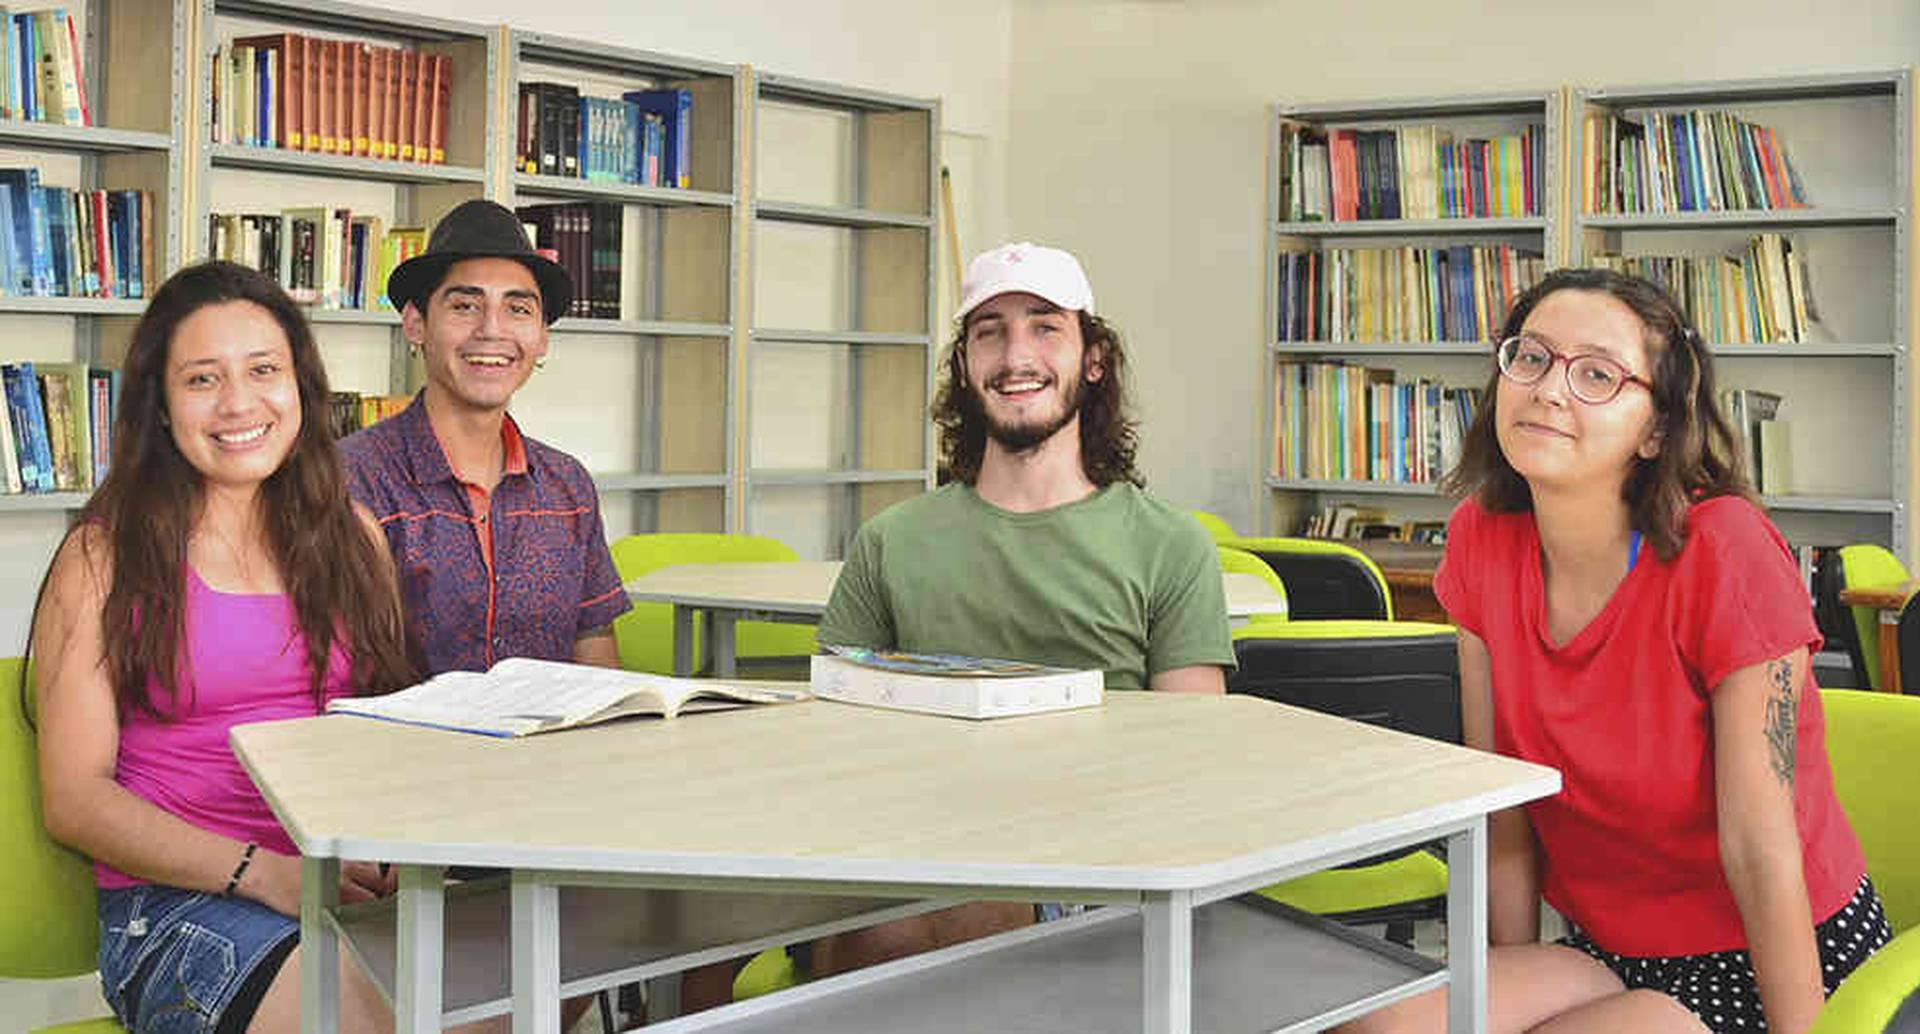 La universidad ha formado 34.000 profesionales. Cada semestre ingresan 2.300 personas de las 20.000 que se inscriben al año.